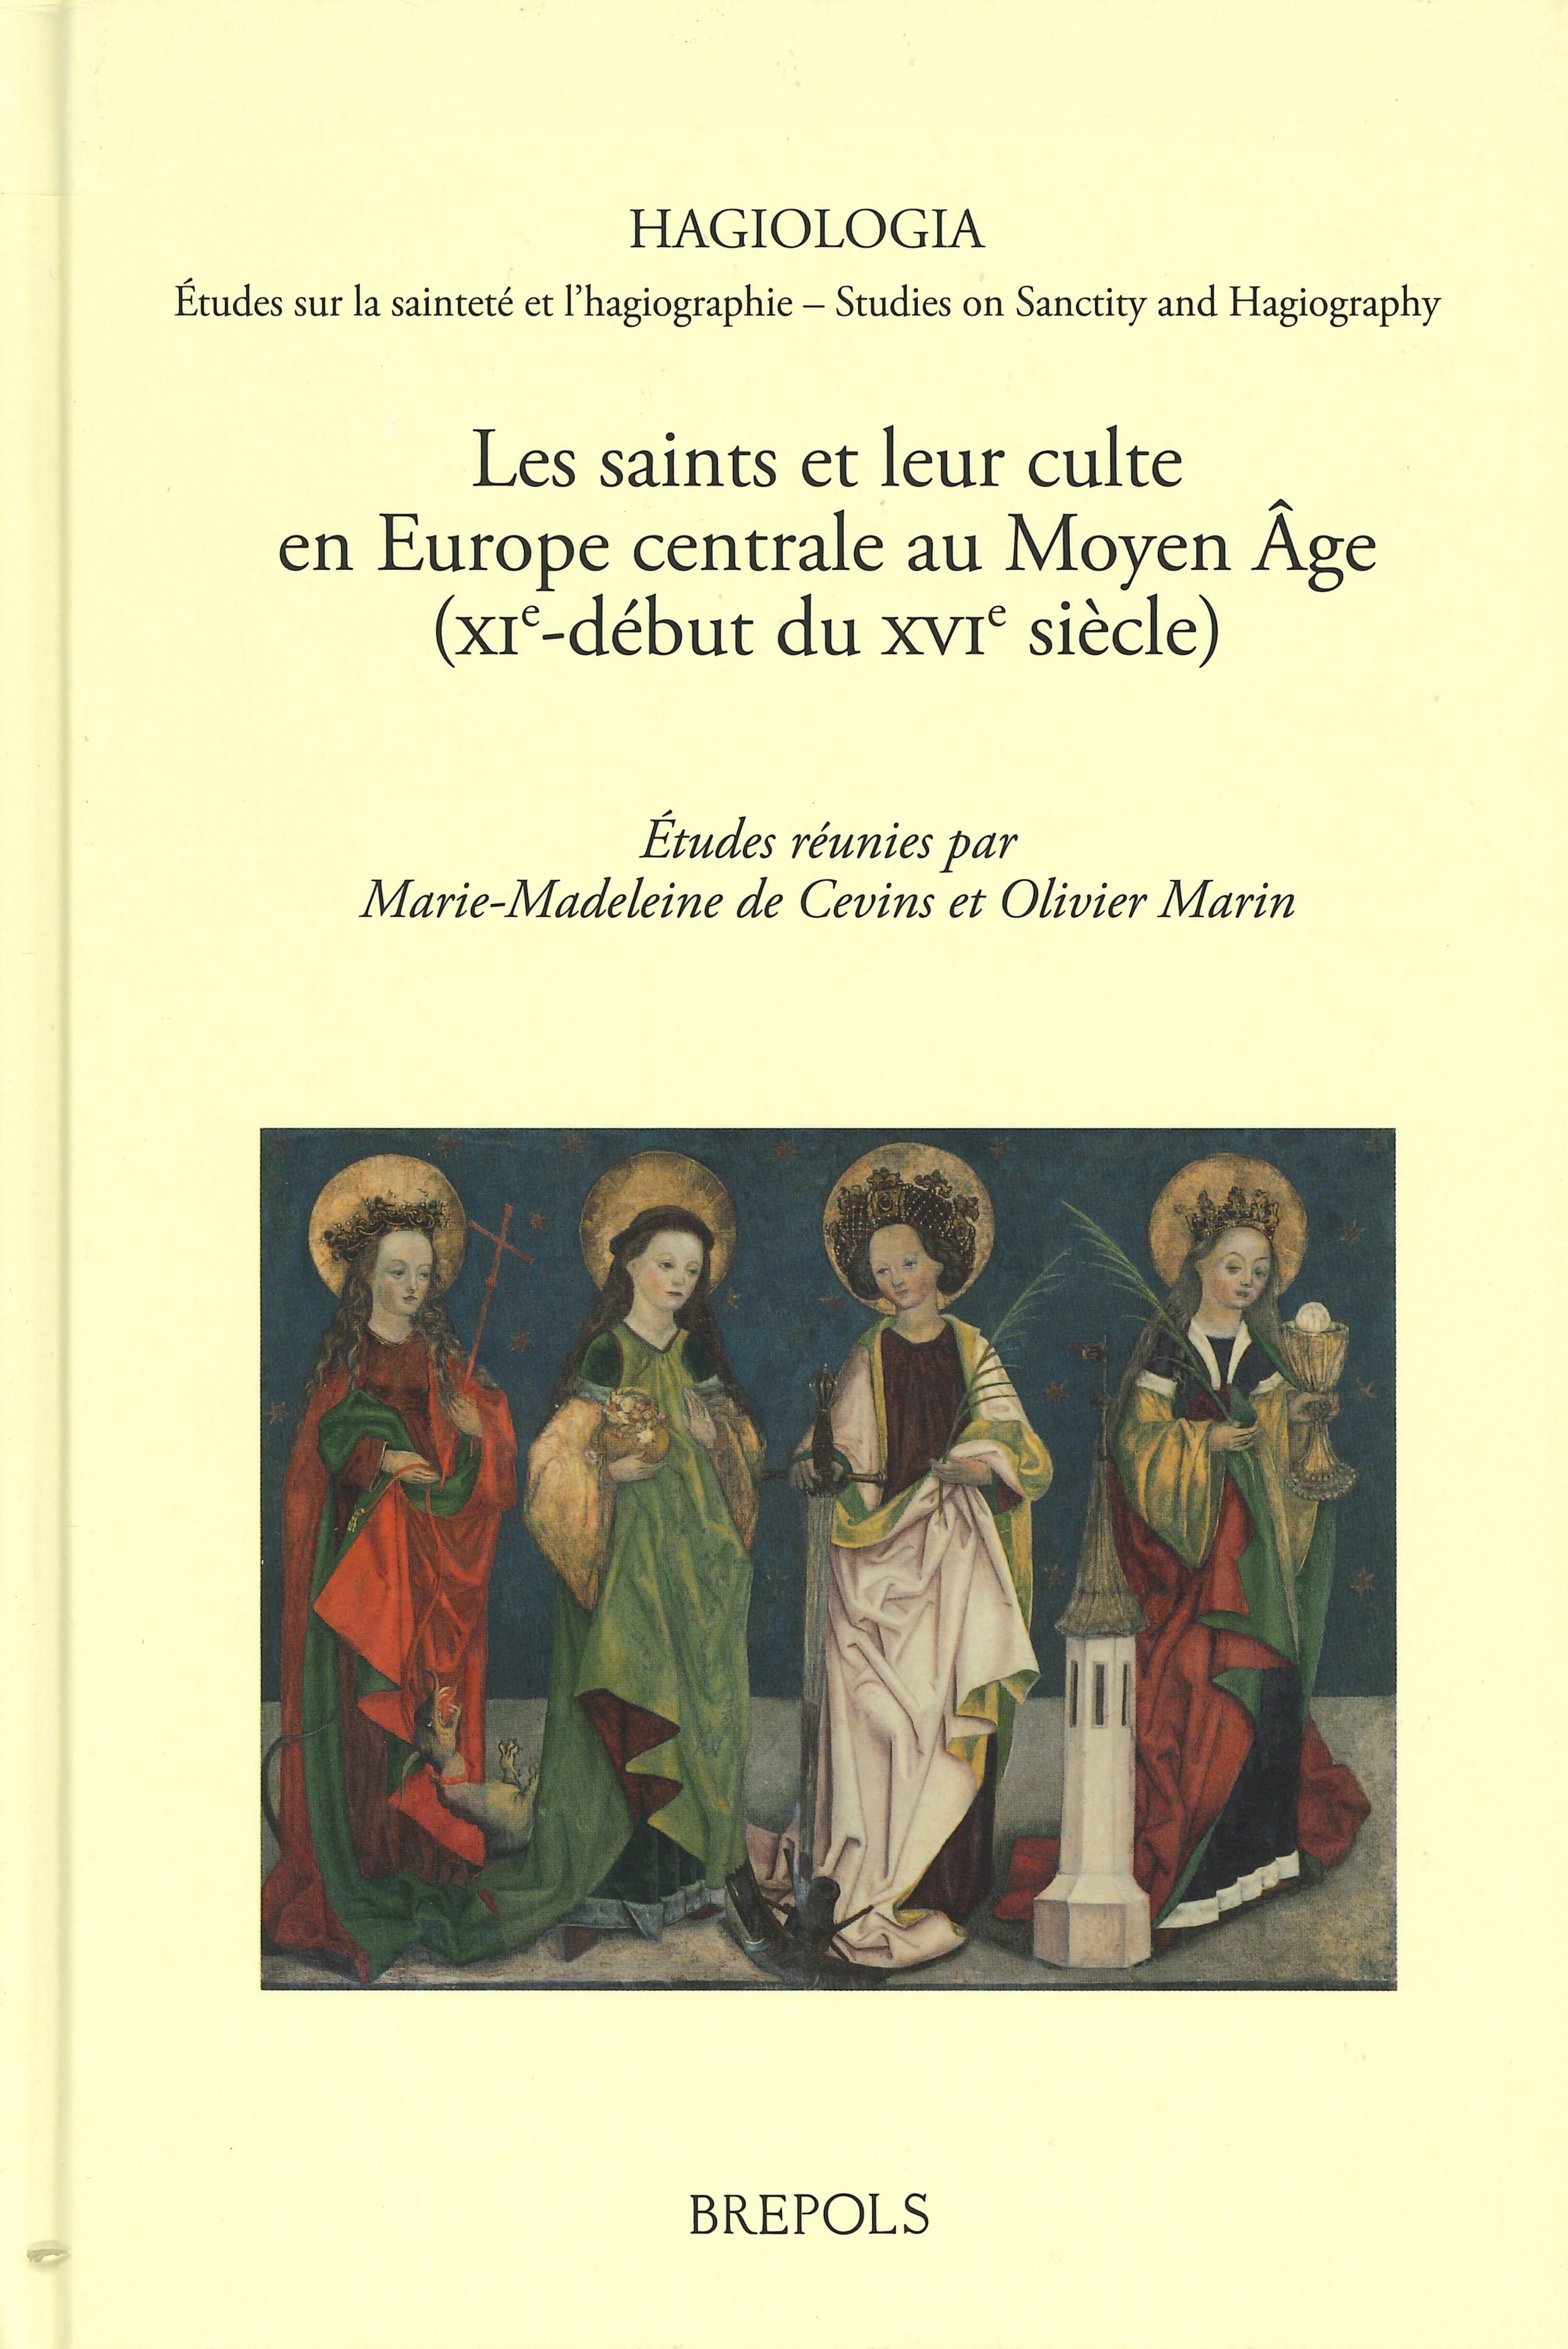 les_saints_et_leur_culte.jpg